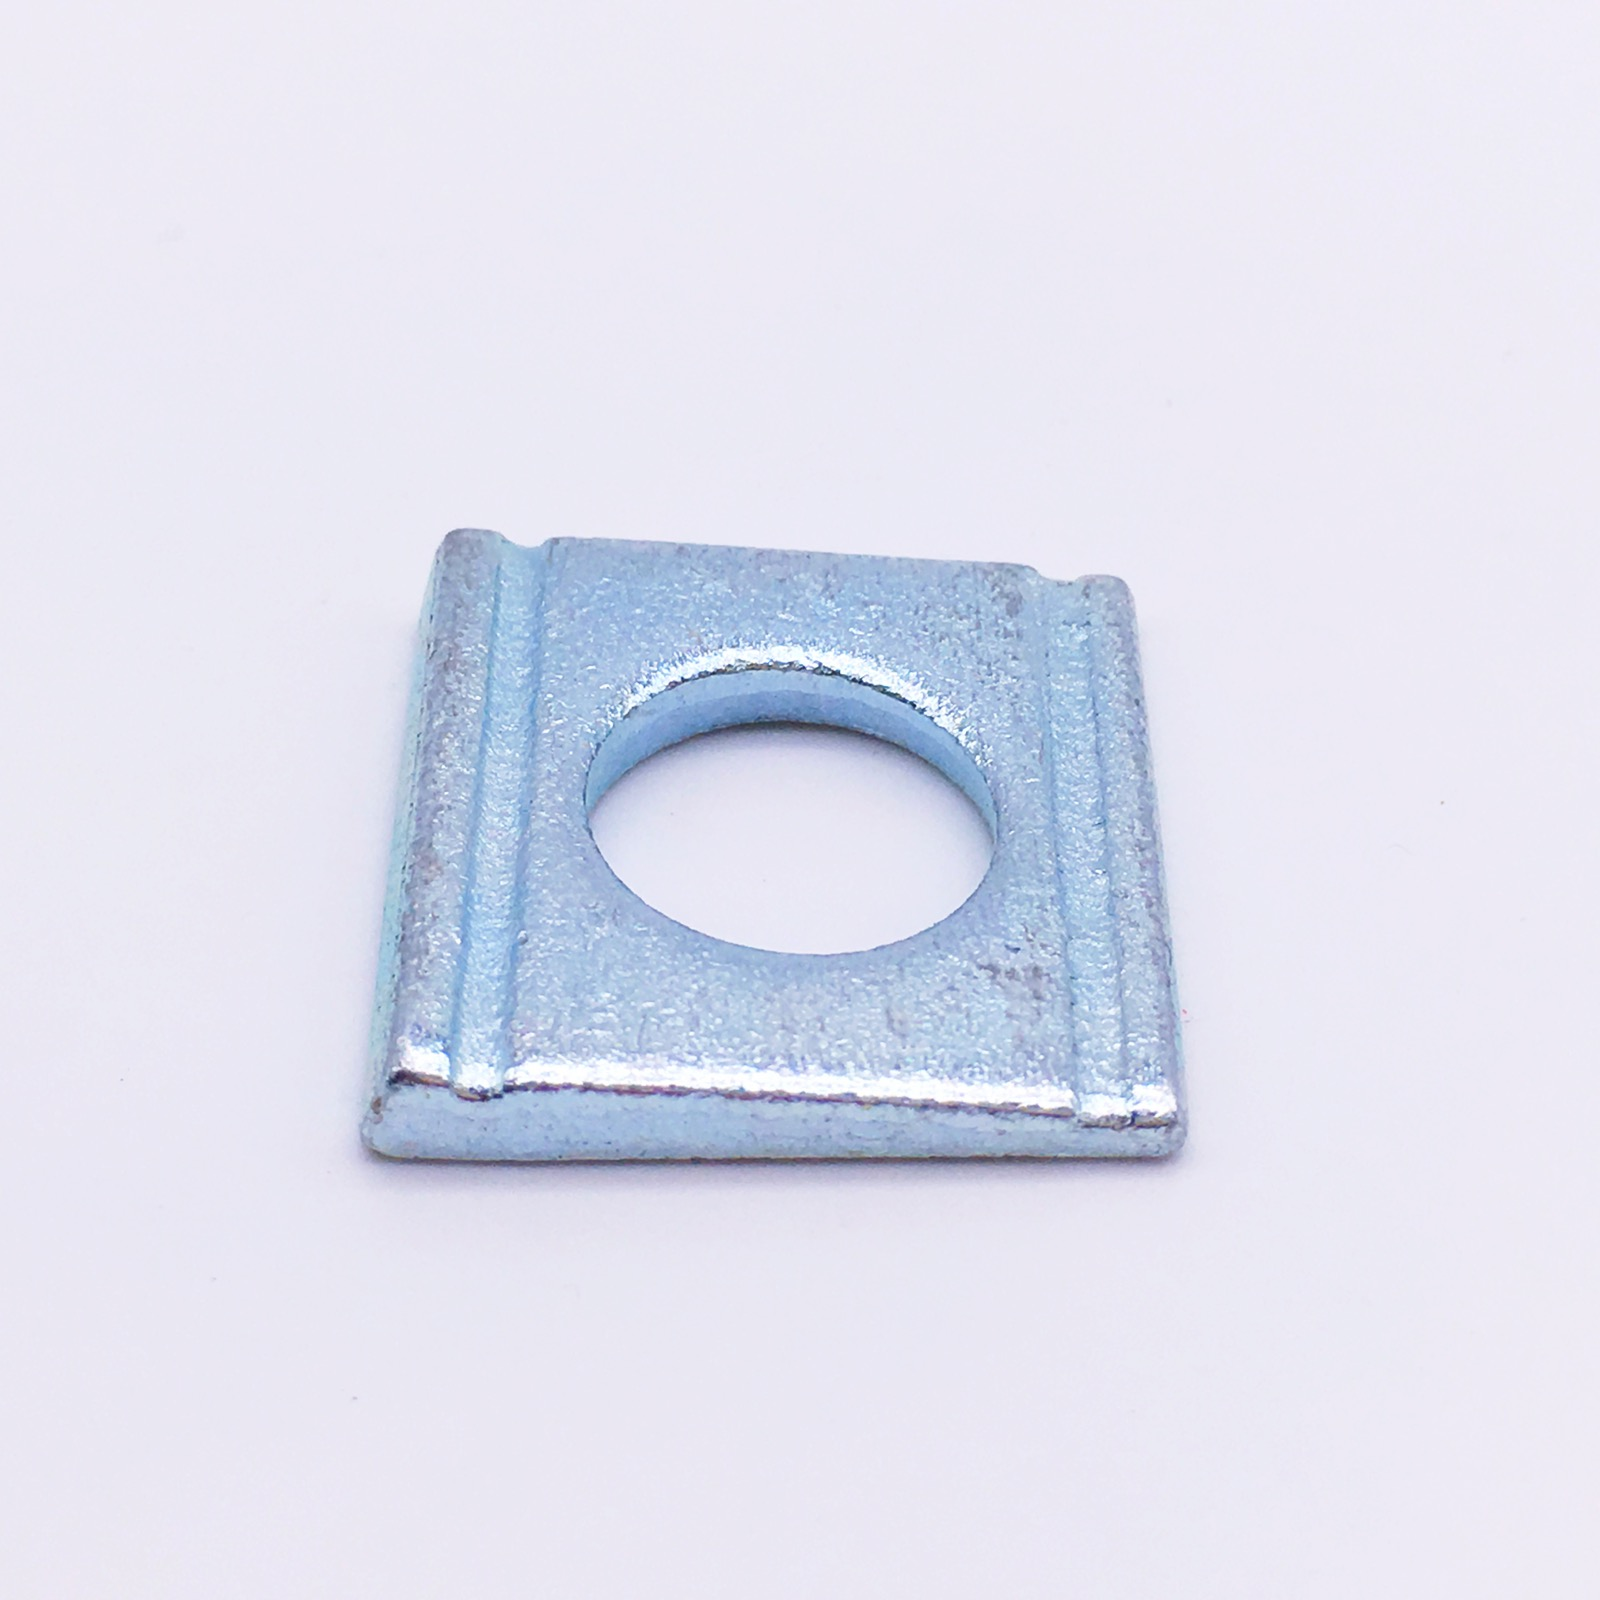 6m2 Hexagonal tuercas din 934 acero inoxidable va2 m1 0m2,5 m3m4m5m6m7m8m10m12m14m16m18